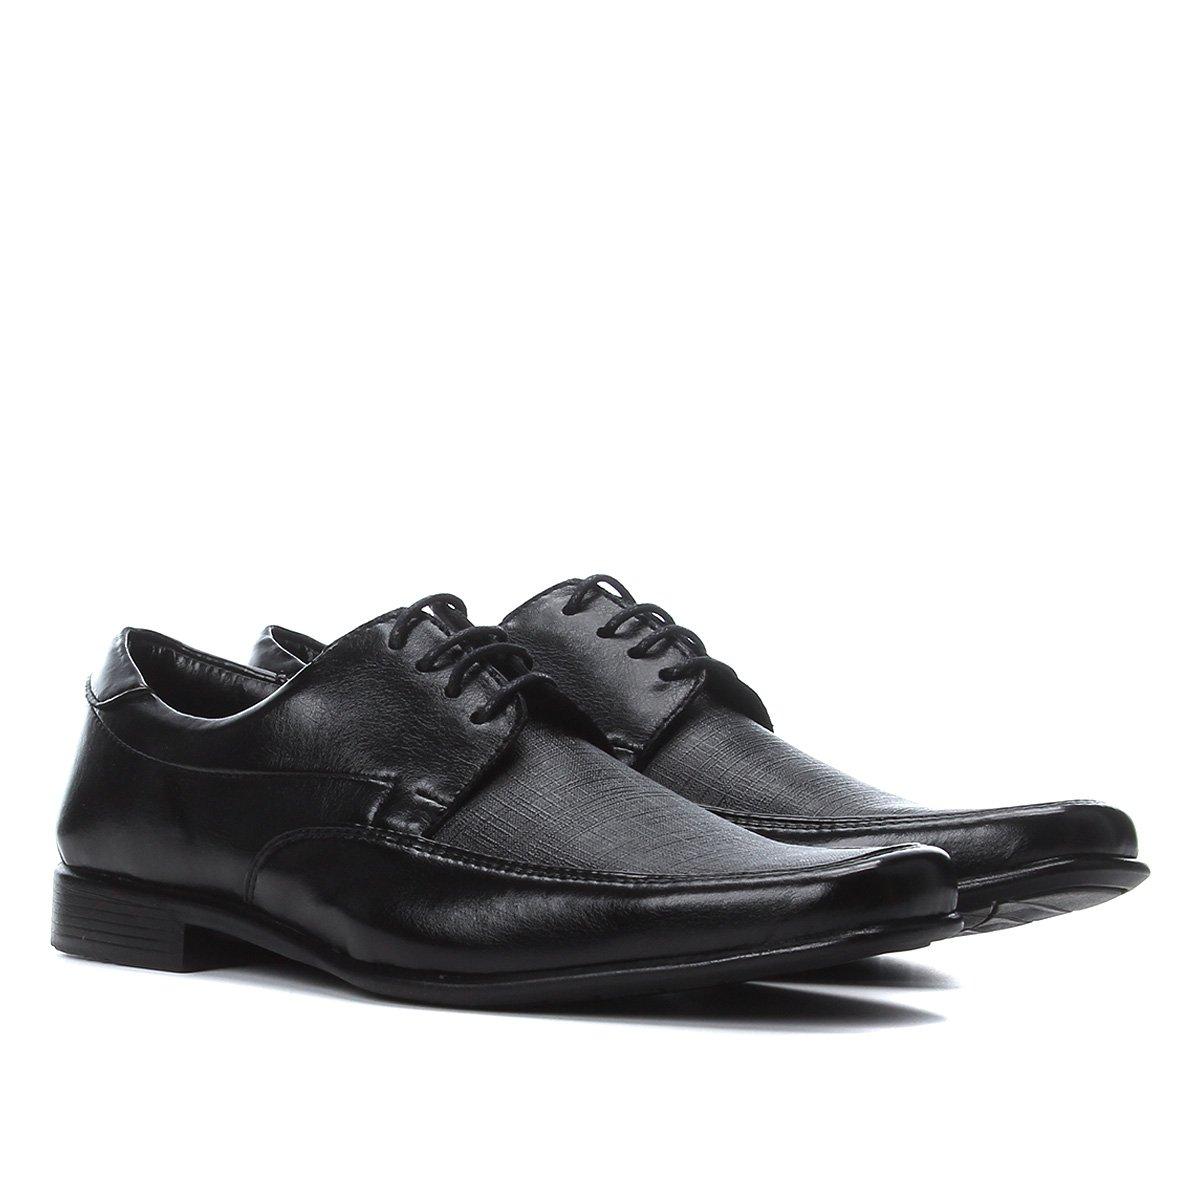 Sapato Social Couro Walkabout Básico Masculino